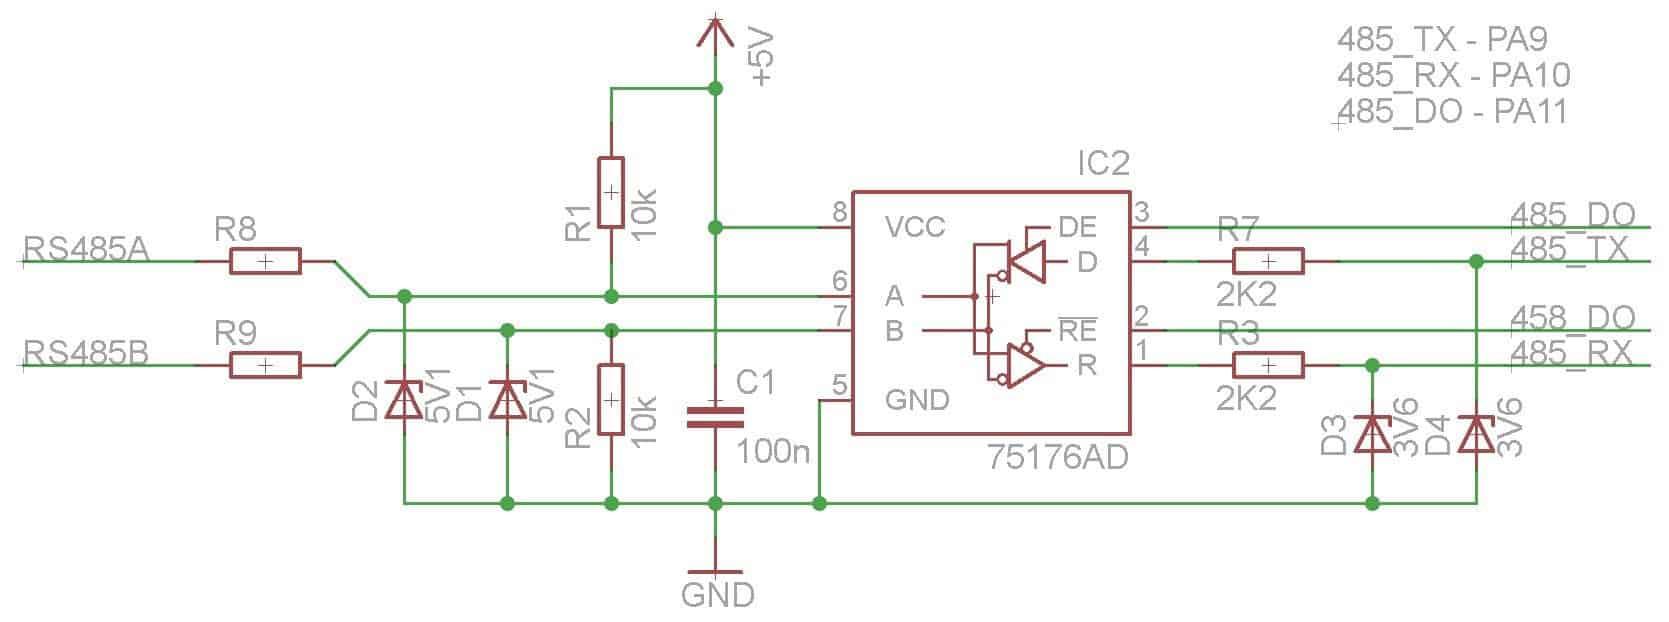 Kurs STM32 - #5 - Komunikacja z komputerem, UART - Artykuły redakcji